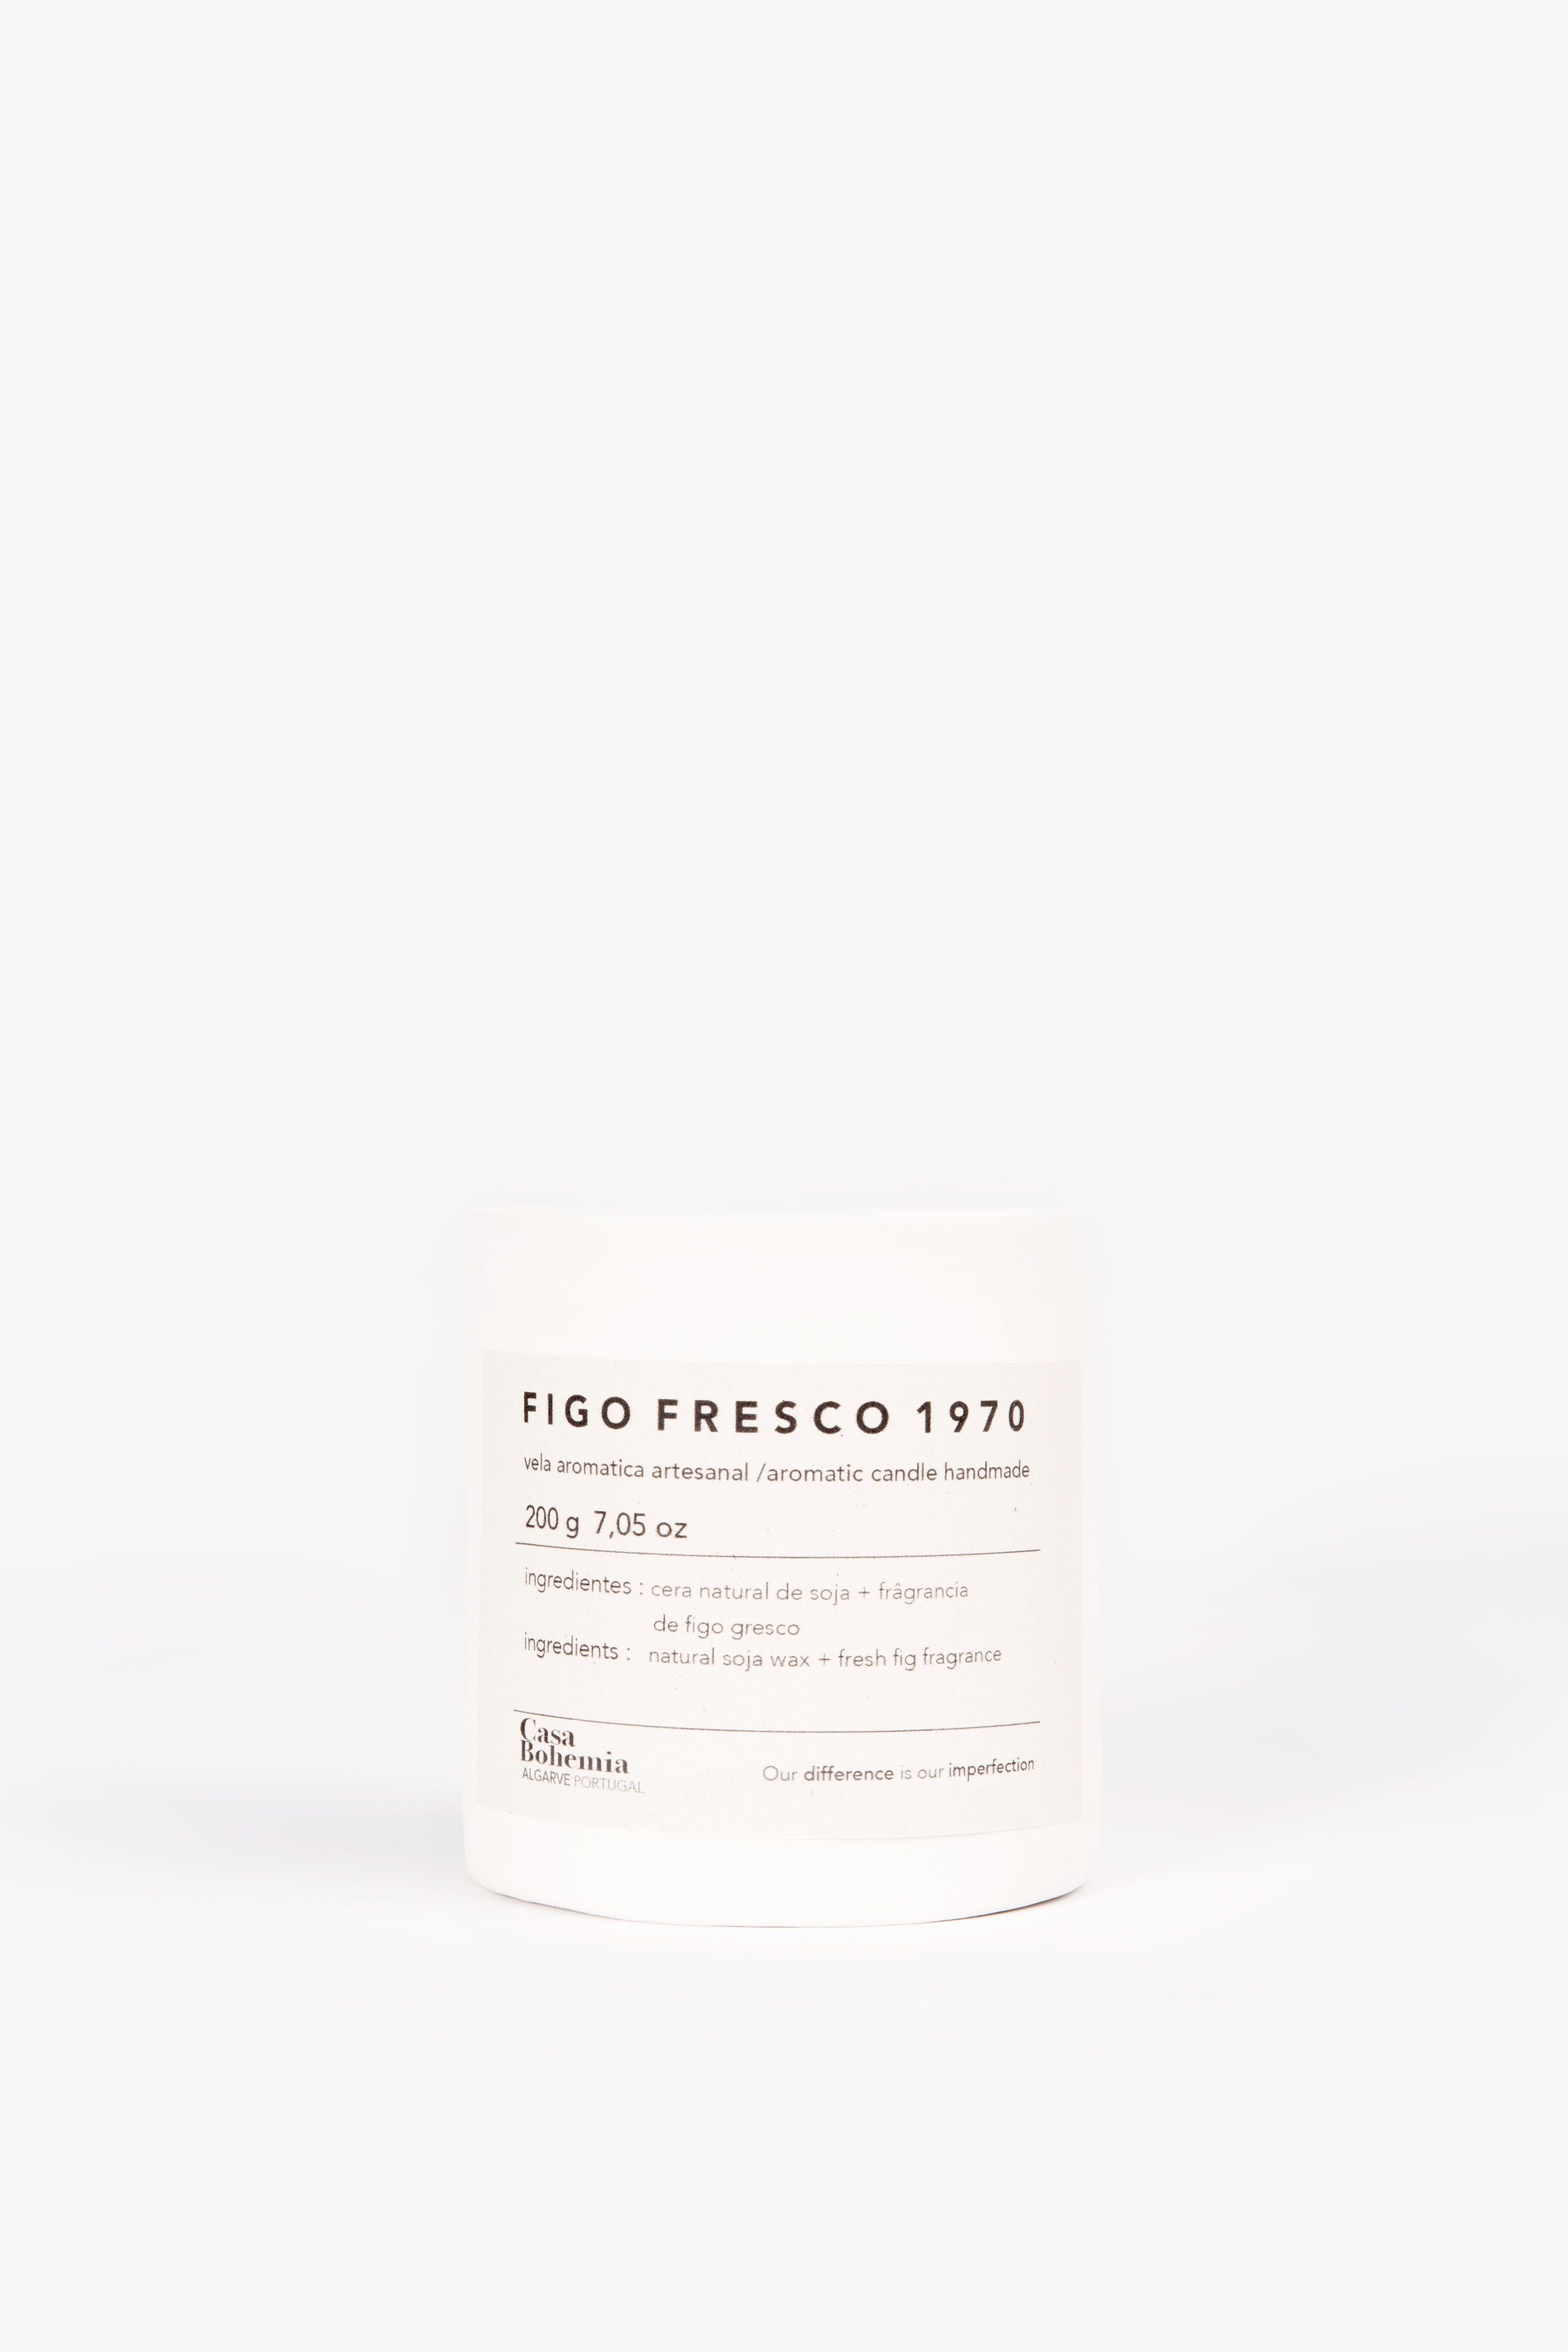 Figo Fresco 1970 Candle (200grs)